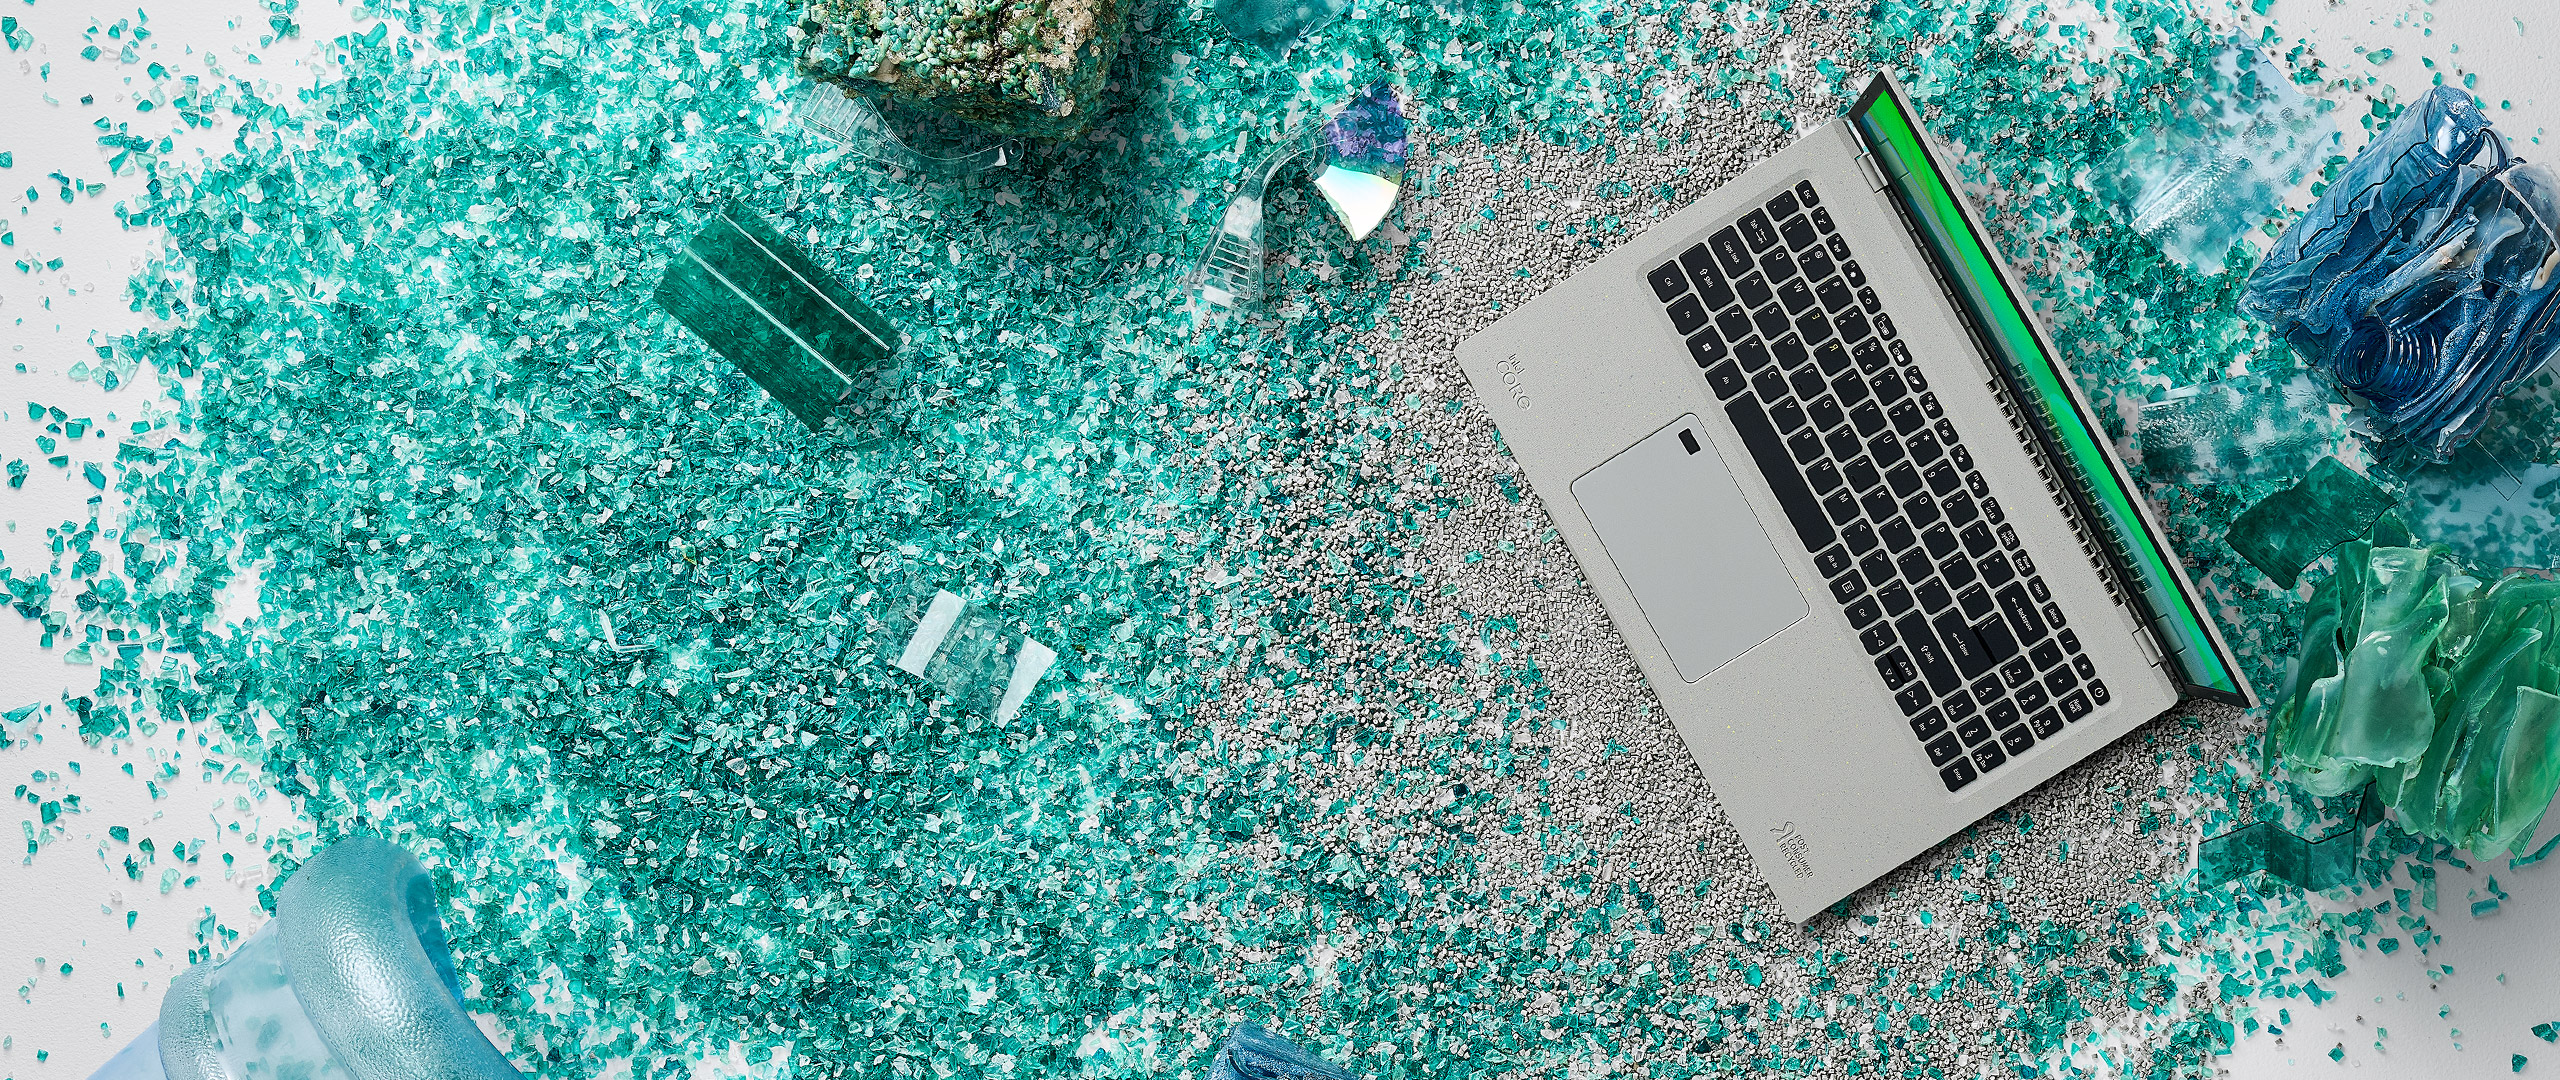 Acer начинает продажи ноутбука Aspire Vero из переработанного пластика по цене от $700